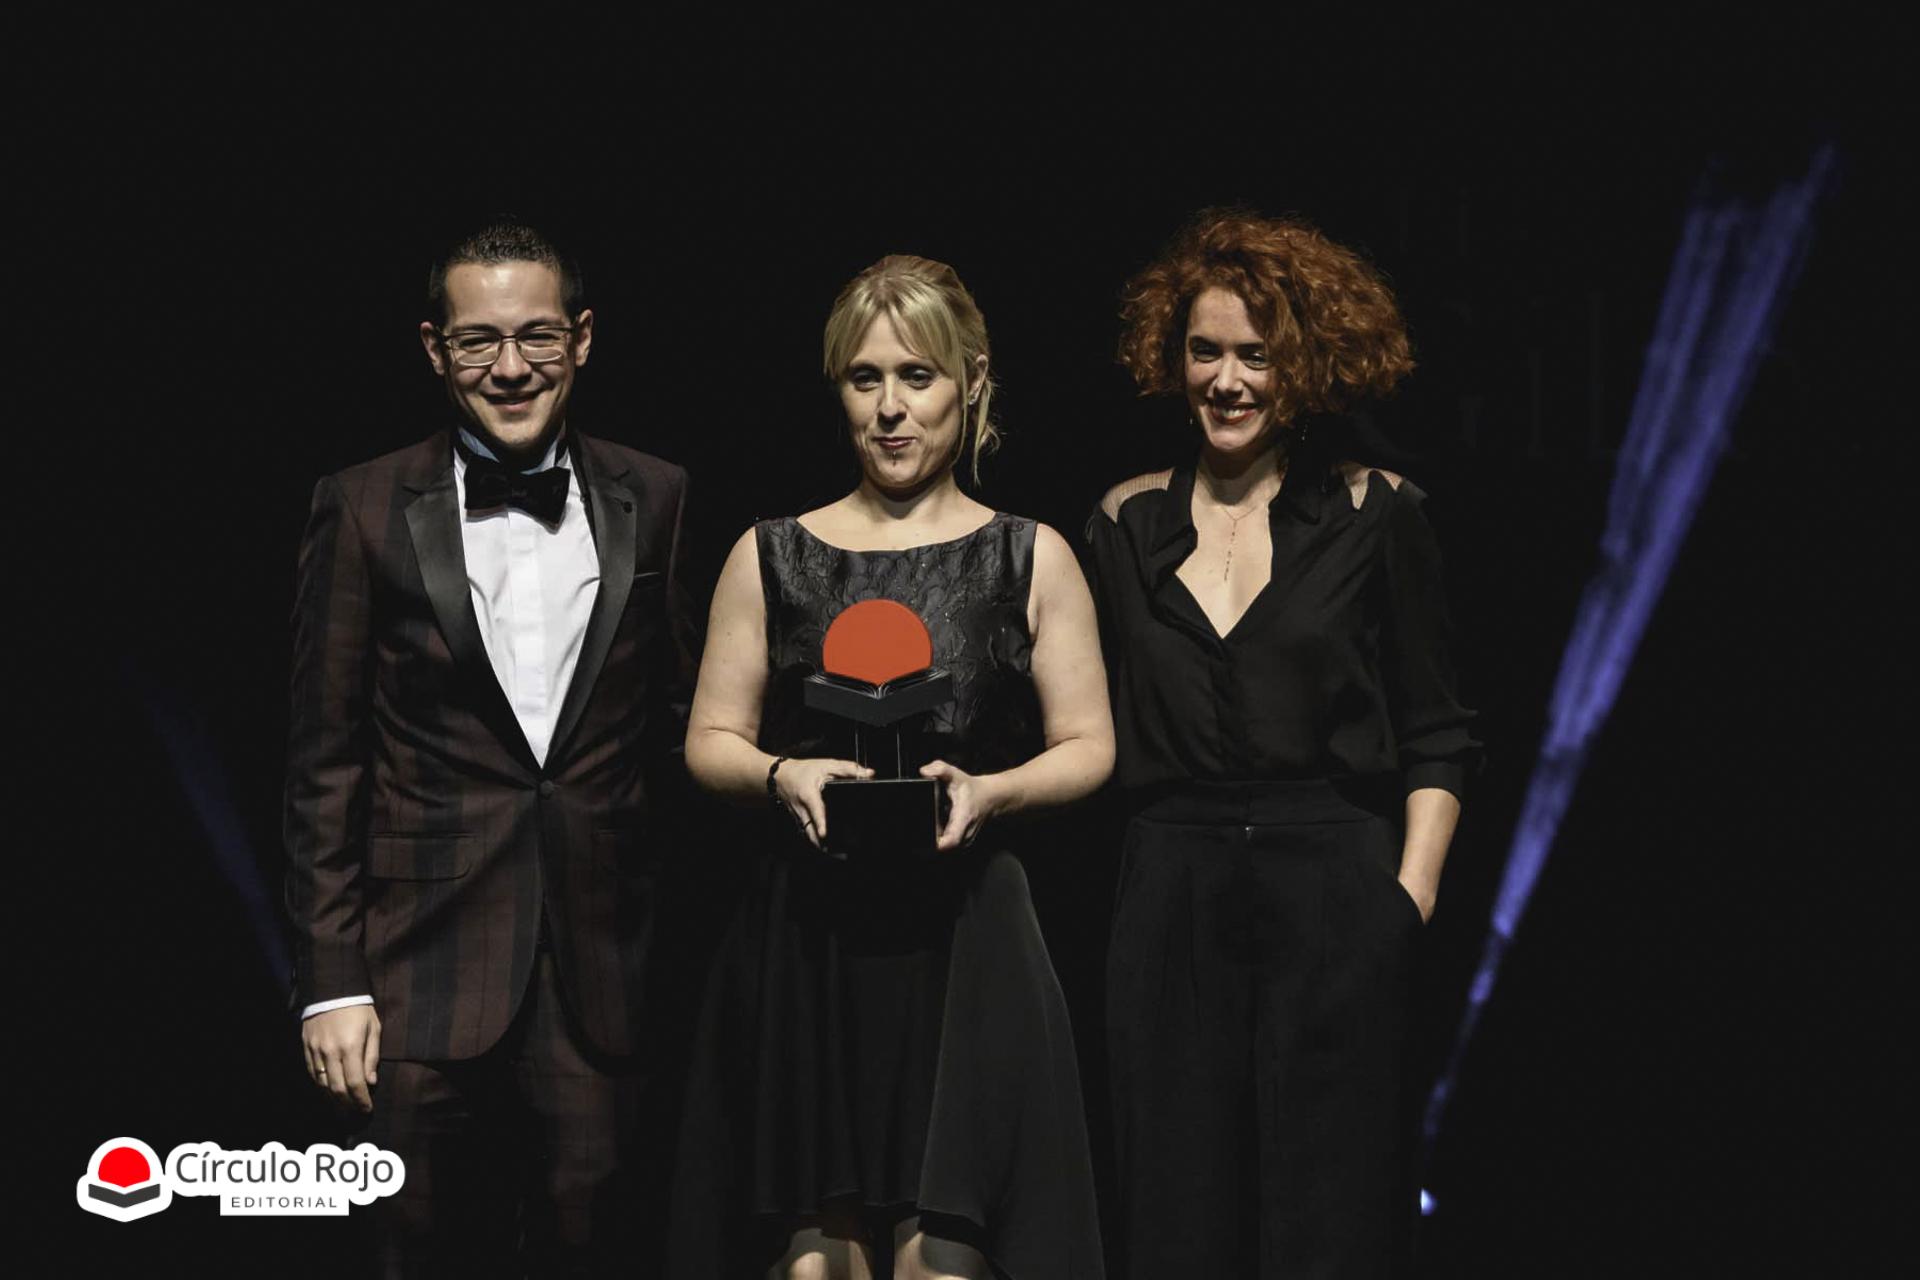 Entrevista a ganadores de los Premios Círculo Rojo 2019: el secreto de Gibola